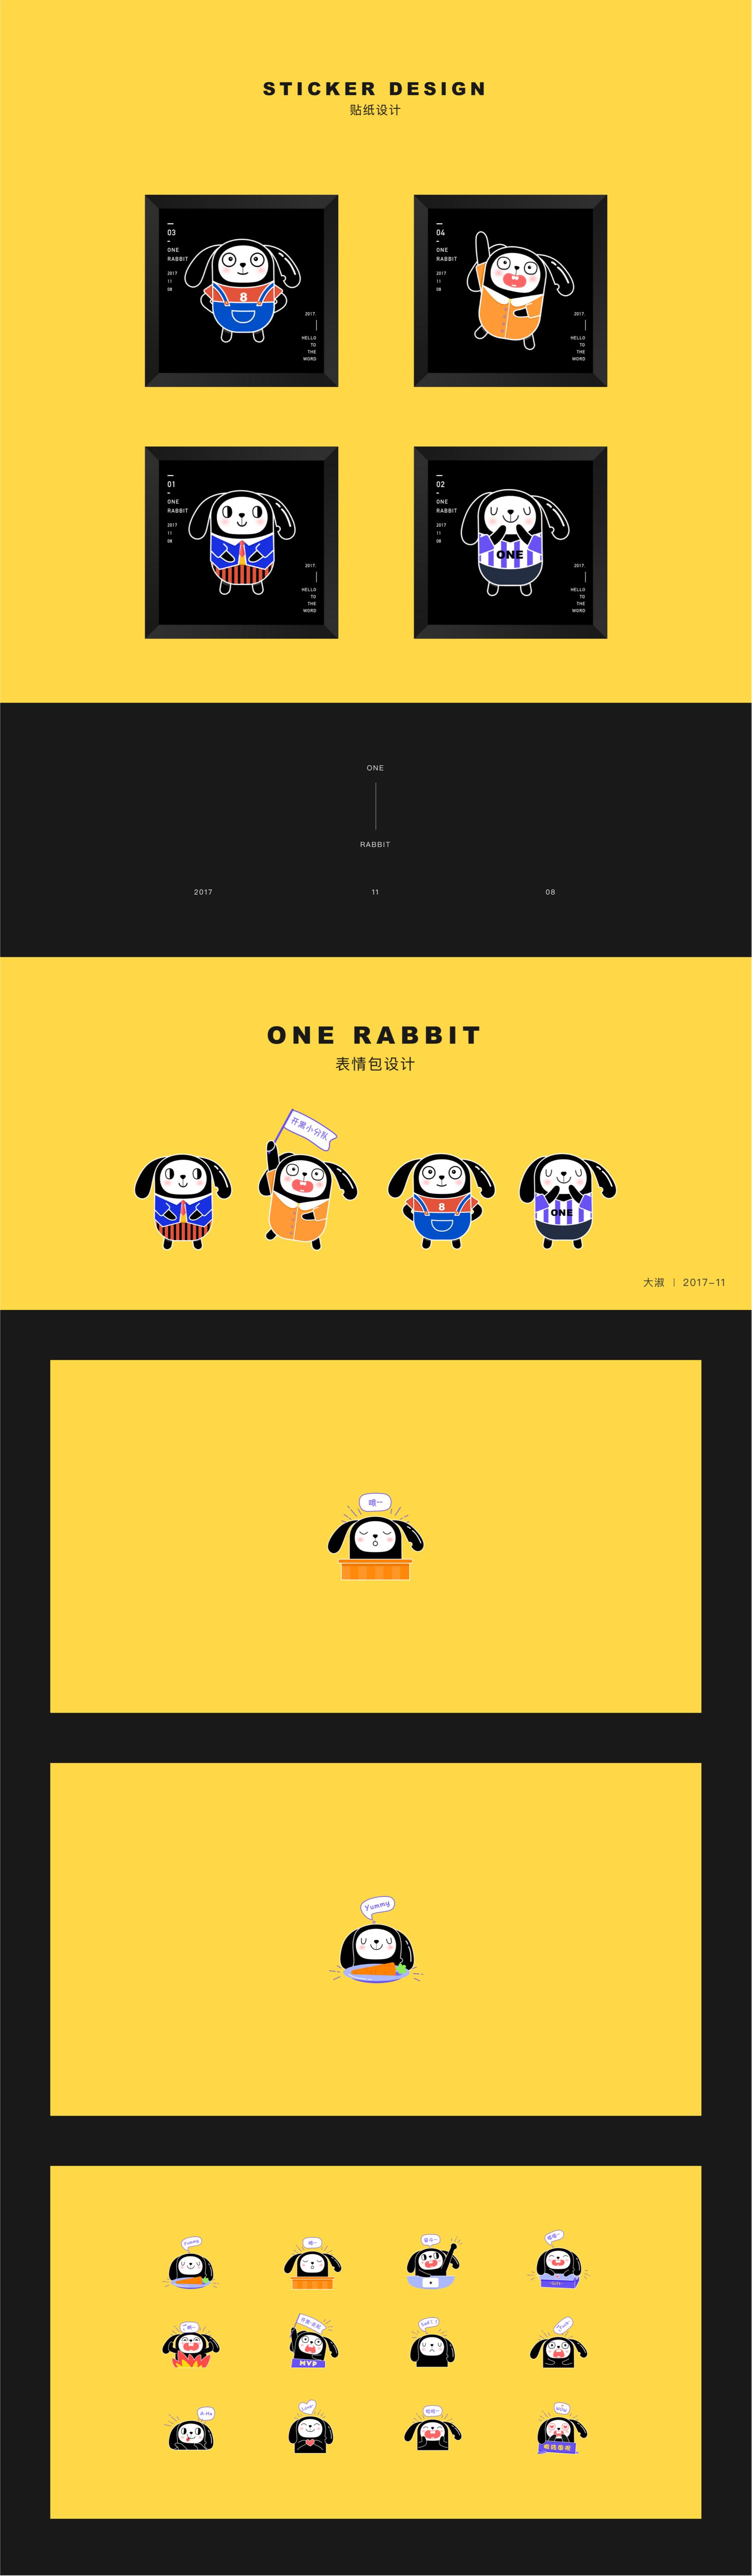 最新ONE兔婚恋交友社交原生双端APP手端V3.0版系统源码-爱资源分享